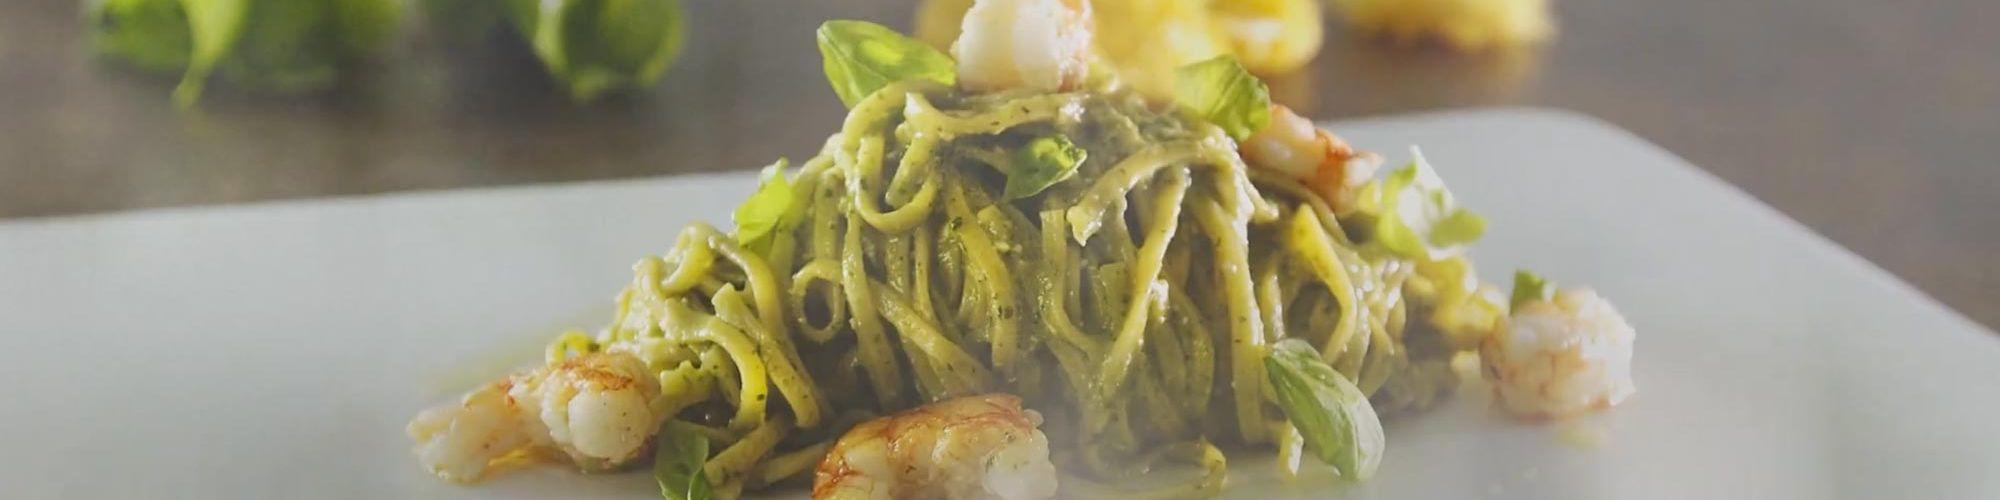 ricetta Tagliolini con Pesto e Gamberi con pasta fresca